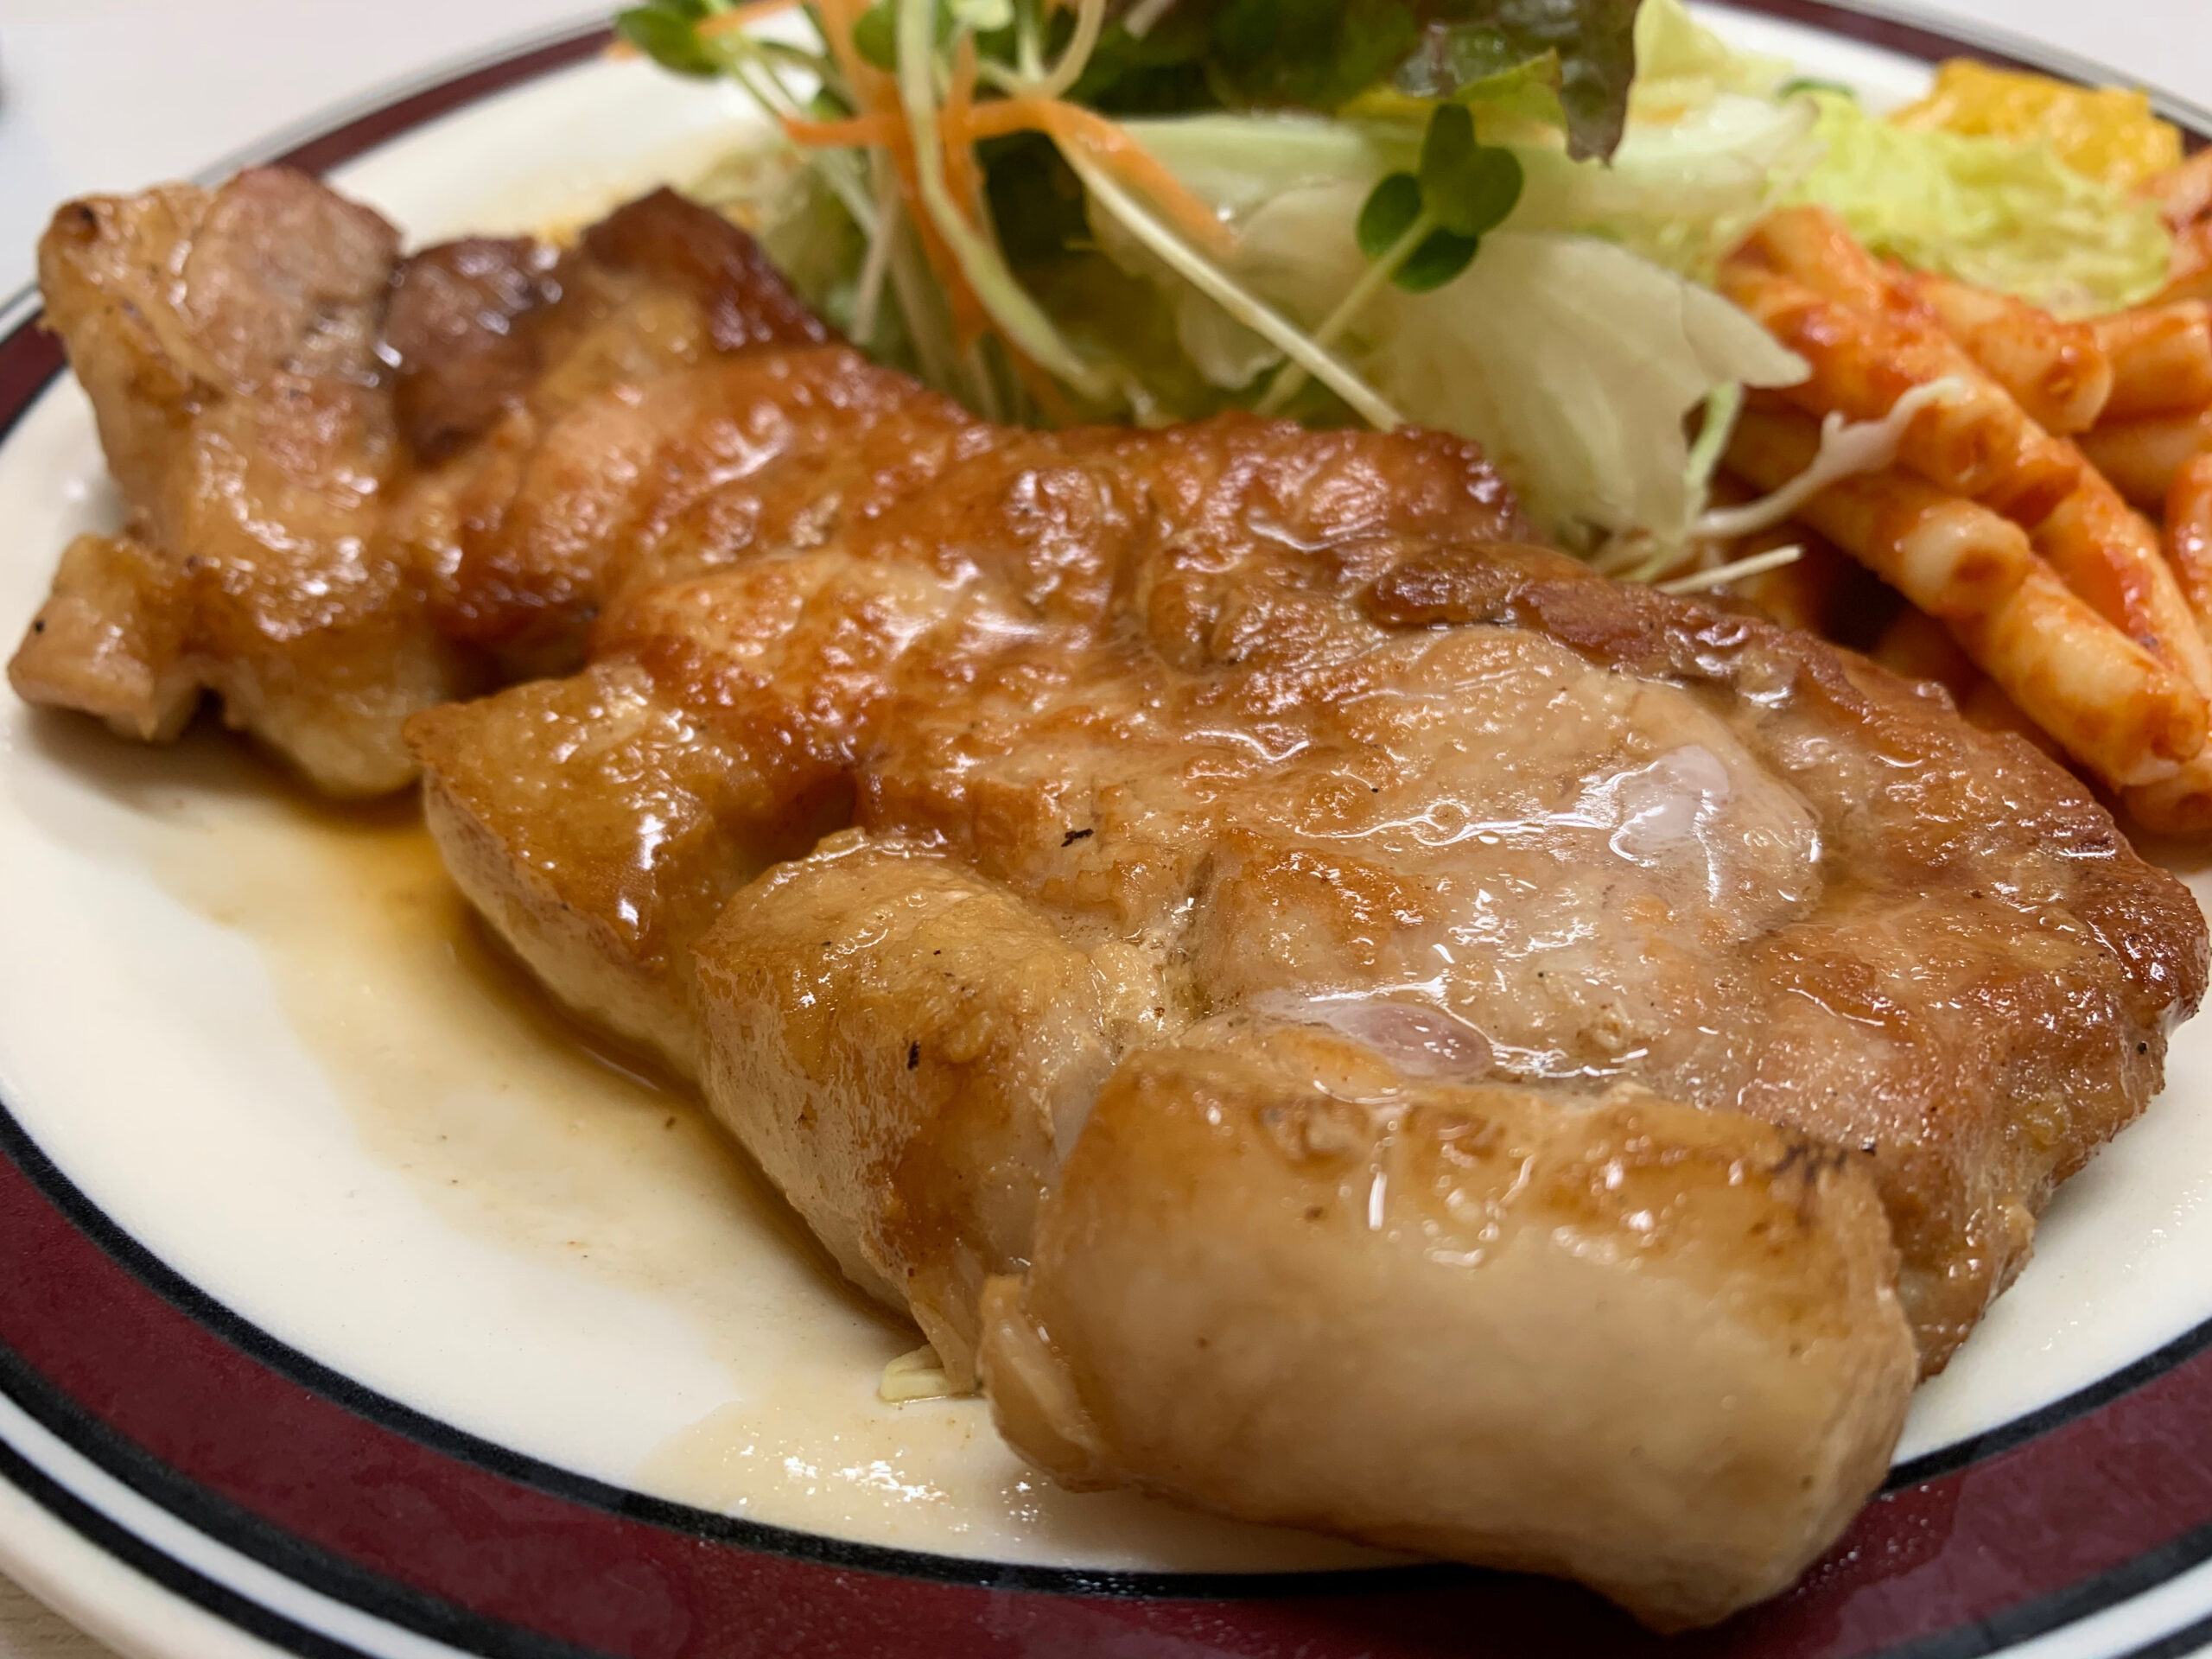 【実用洋食七福】江東区でコスパの良い洋食を頂くならこちらのお店です